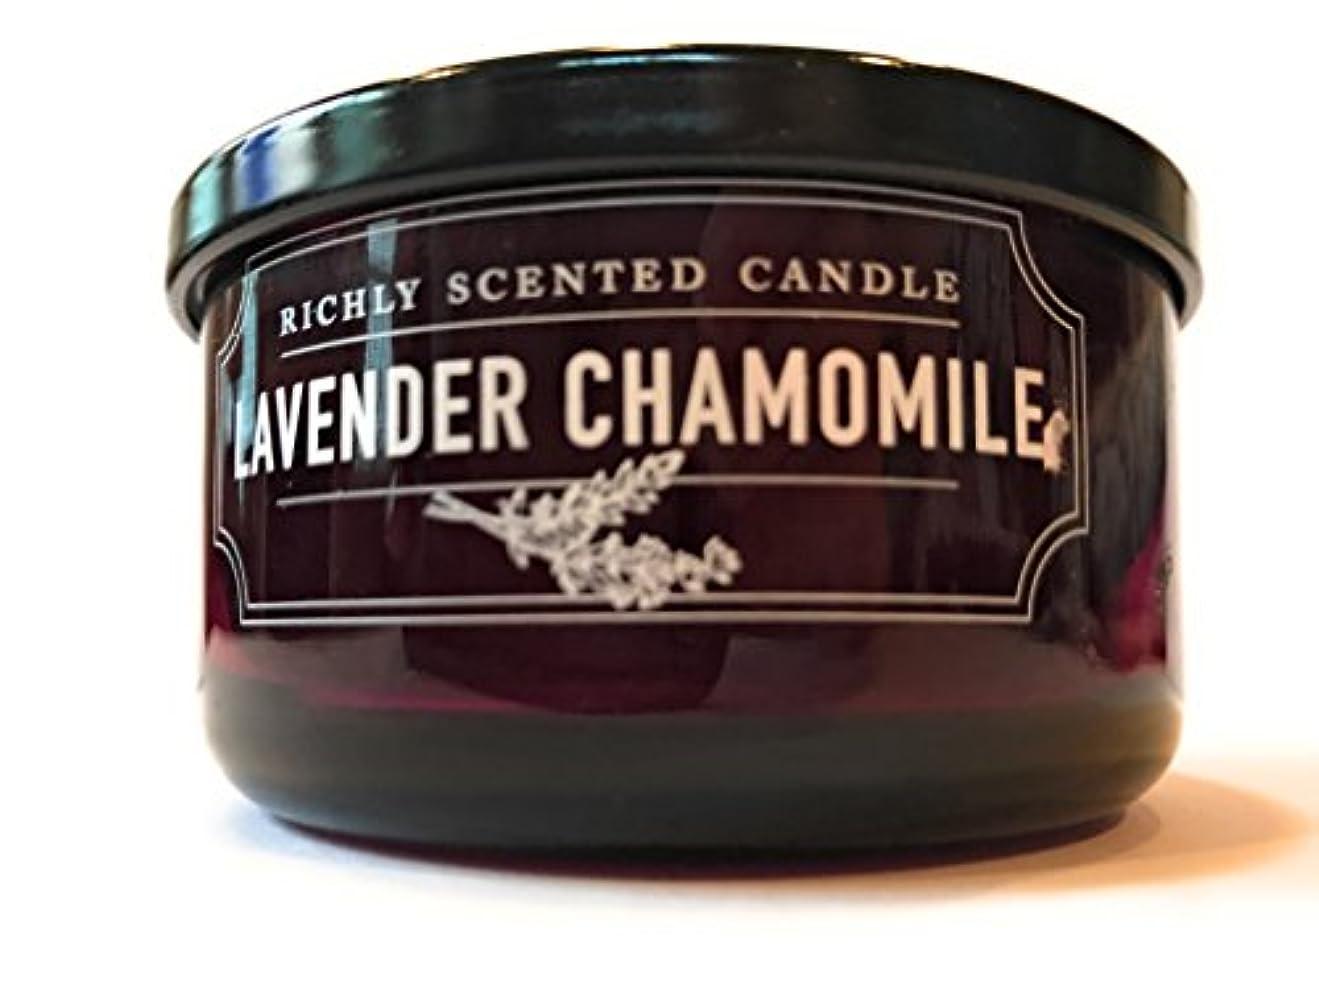 カップル頭才能のあるDWホームラベンダーカモミールダブルWick豊かな香りCandle 4.6 Oz